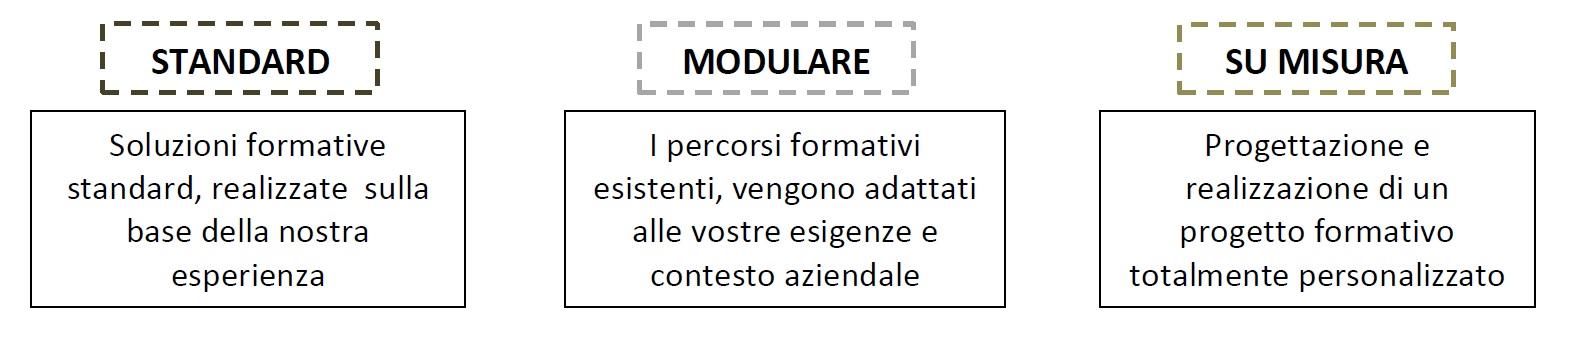 Soluzioni-formative-standard-modulare-su-misura